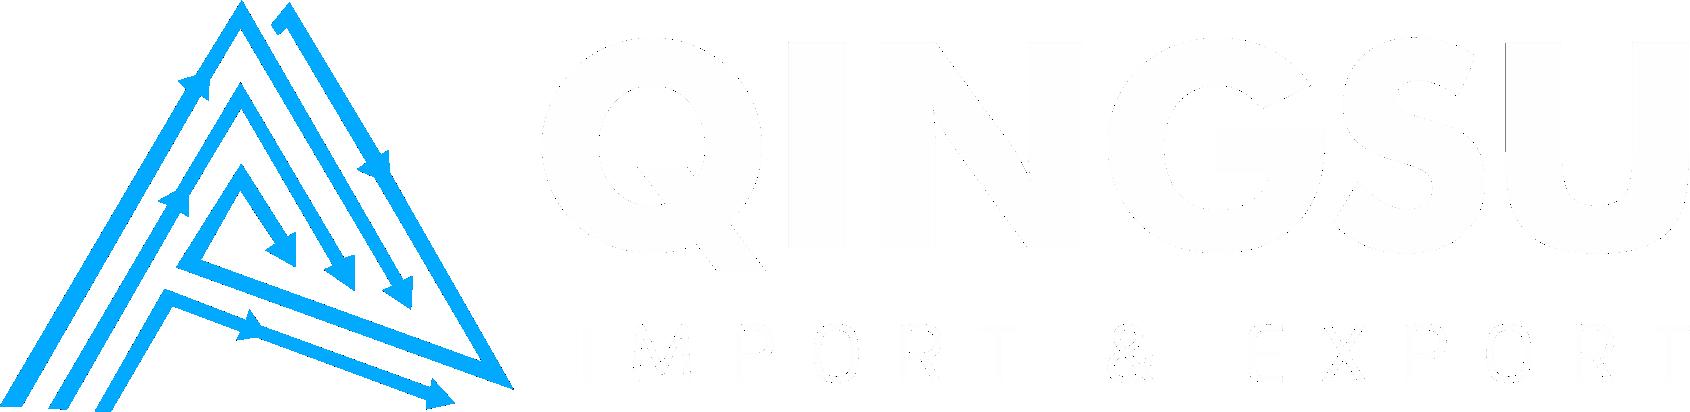 Qingsu